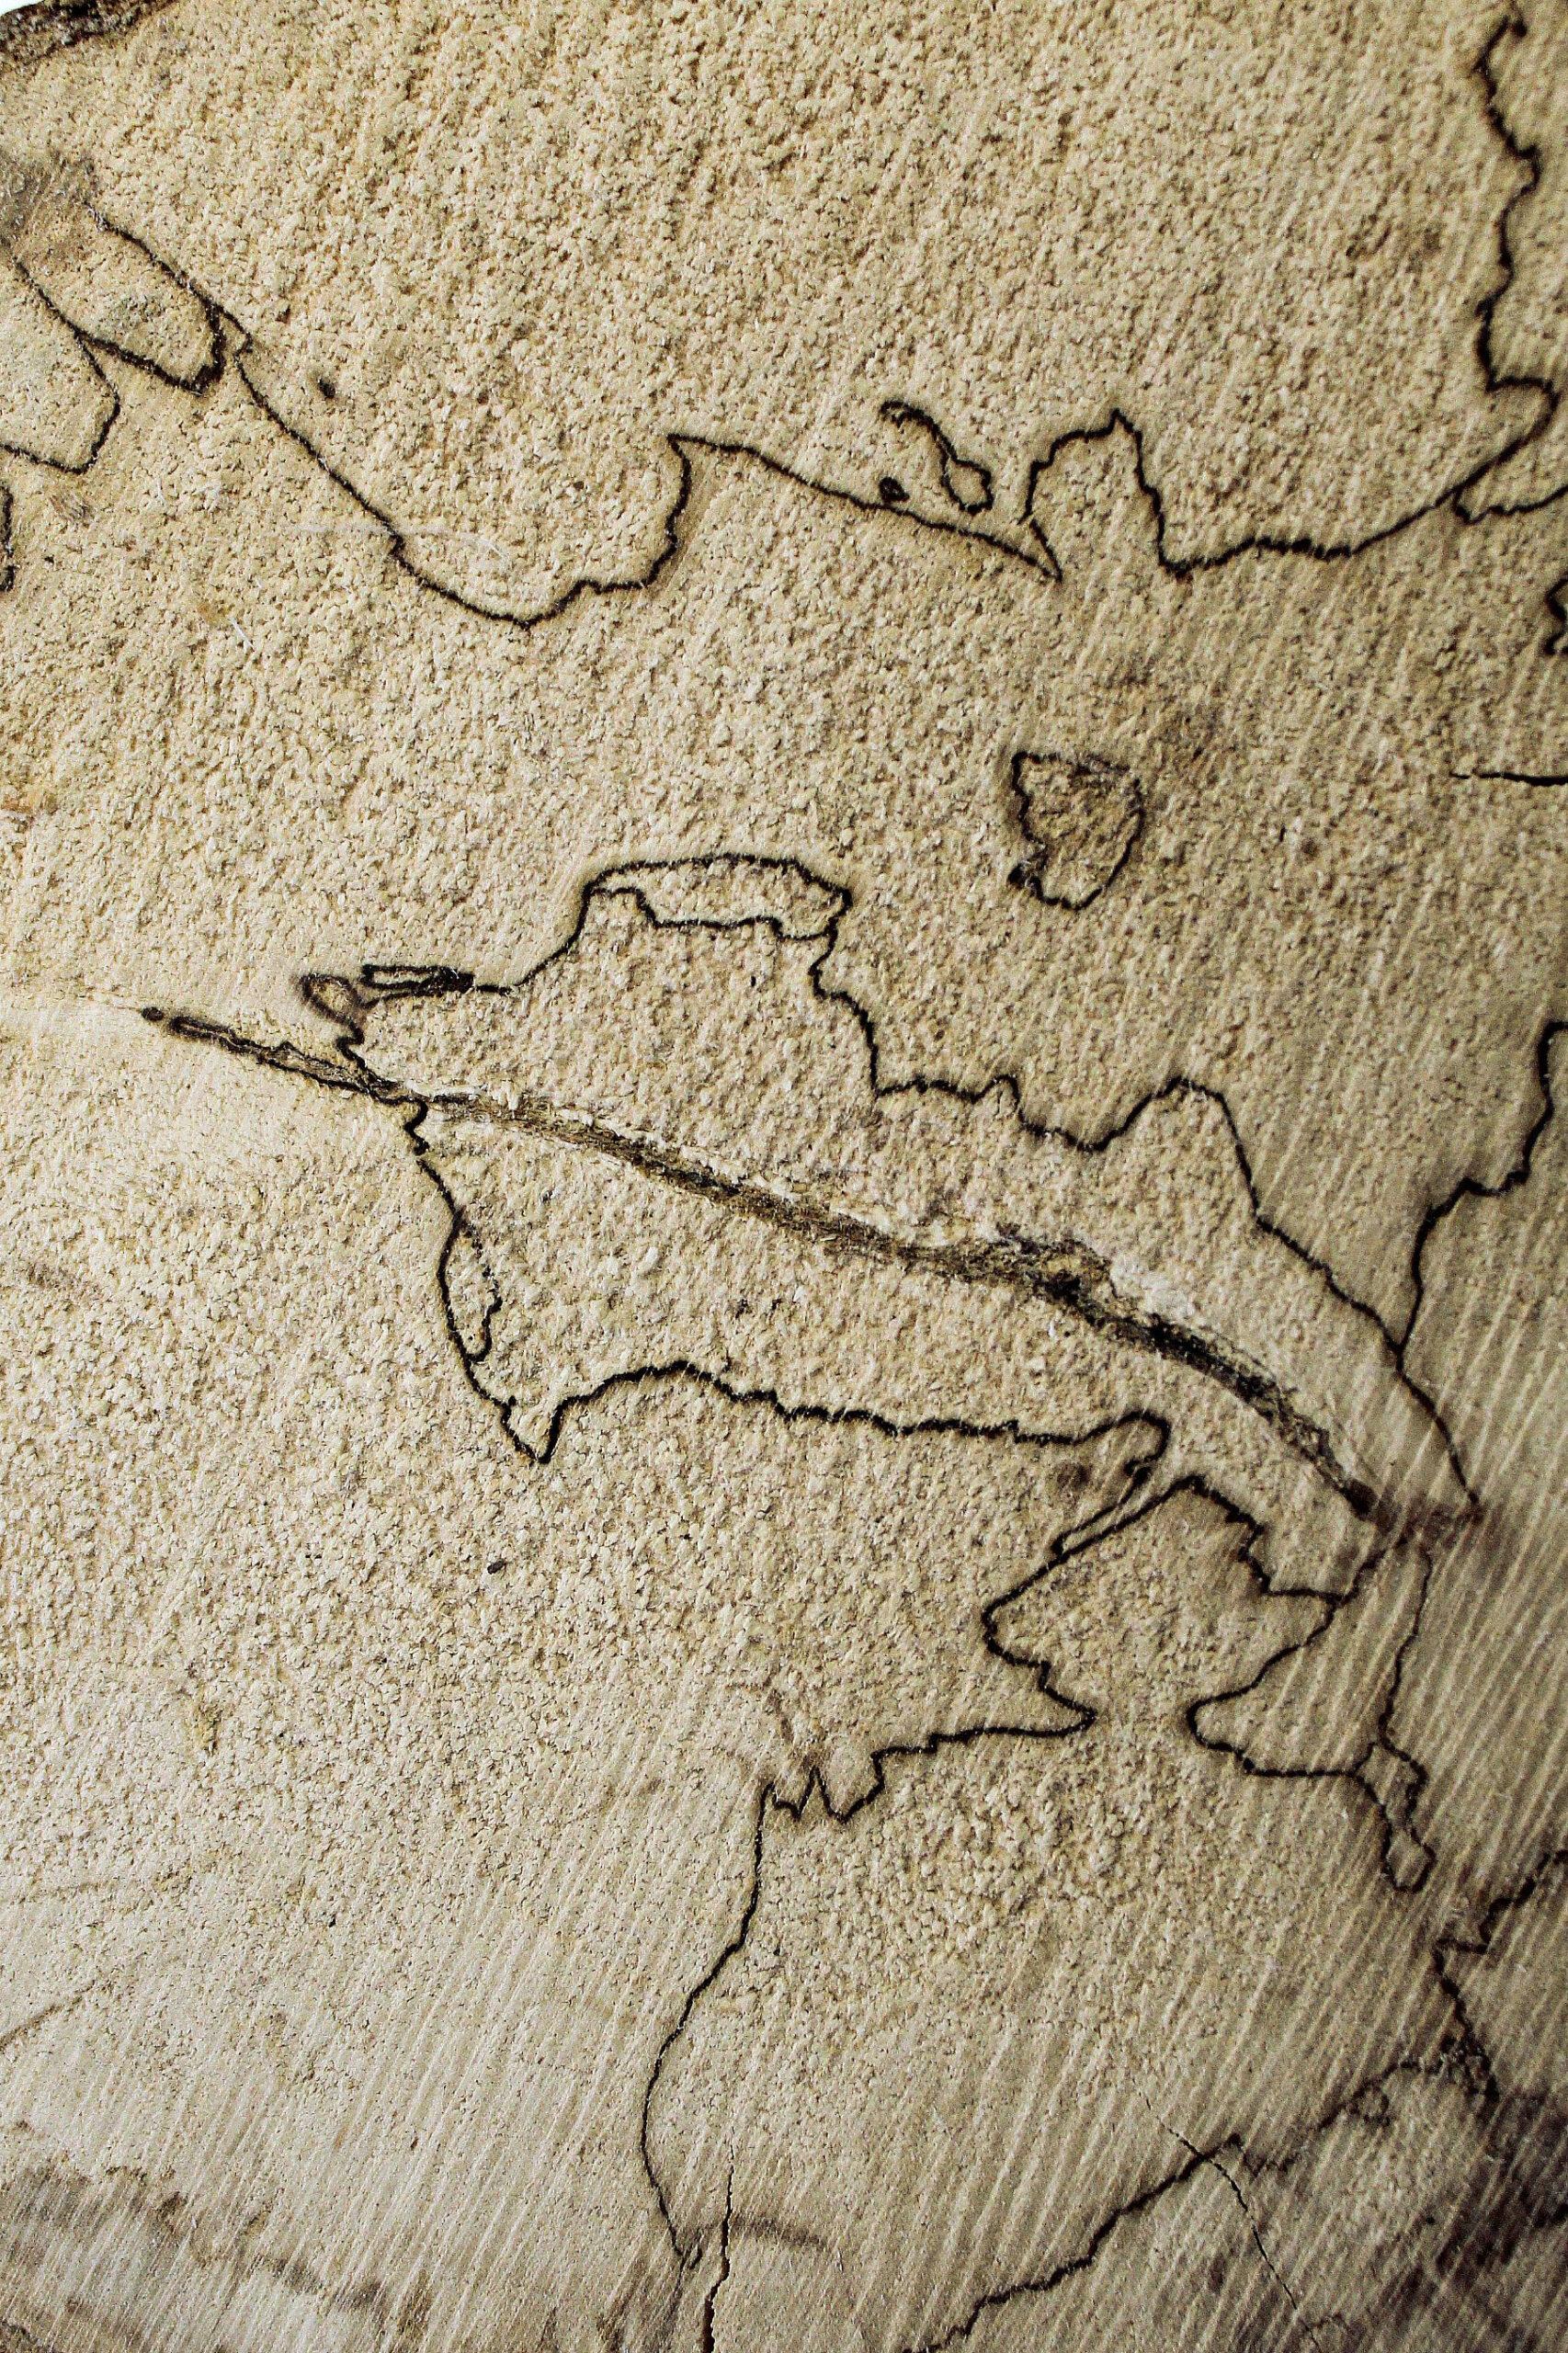 Spalted wood - legno fiorito